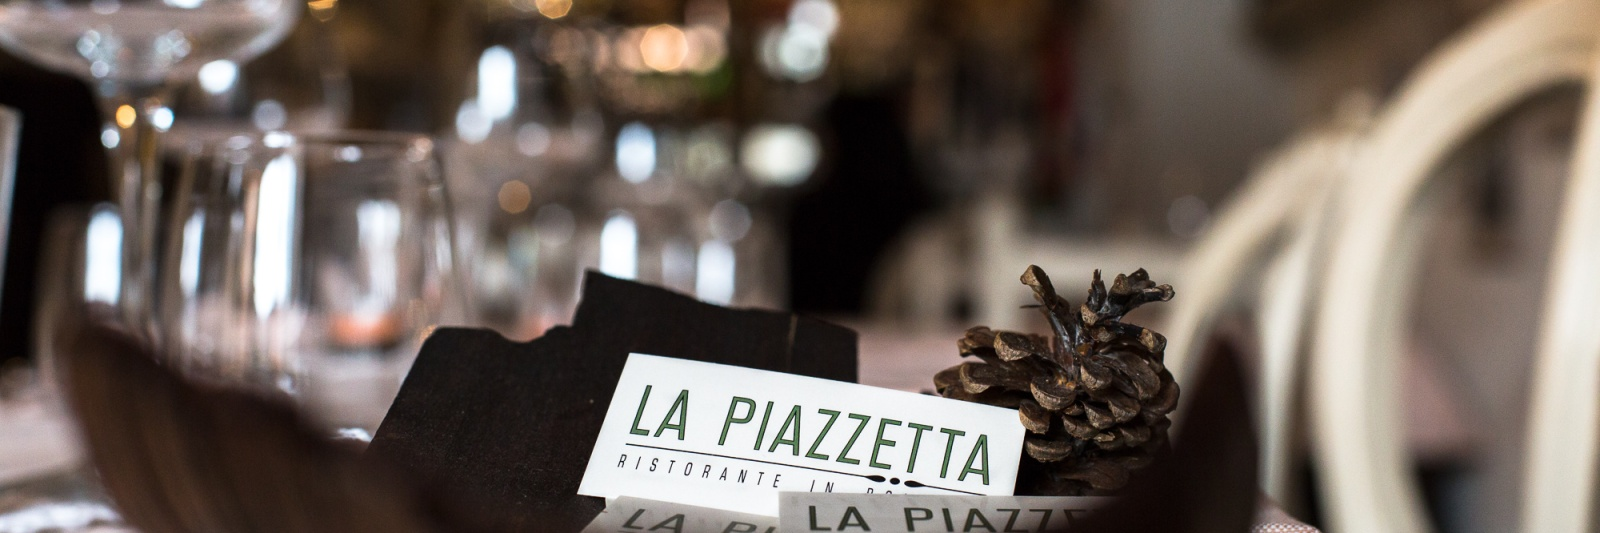 La Piazzetta Ristorante